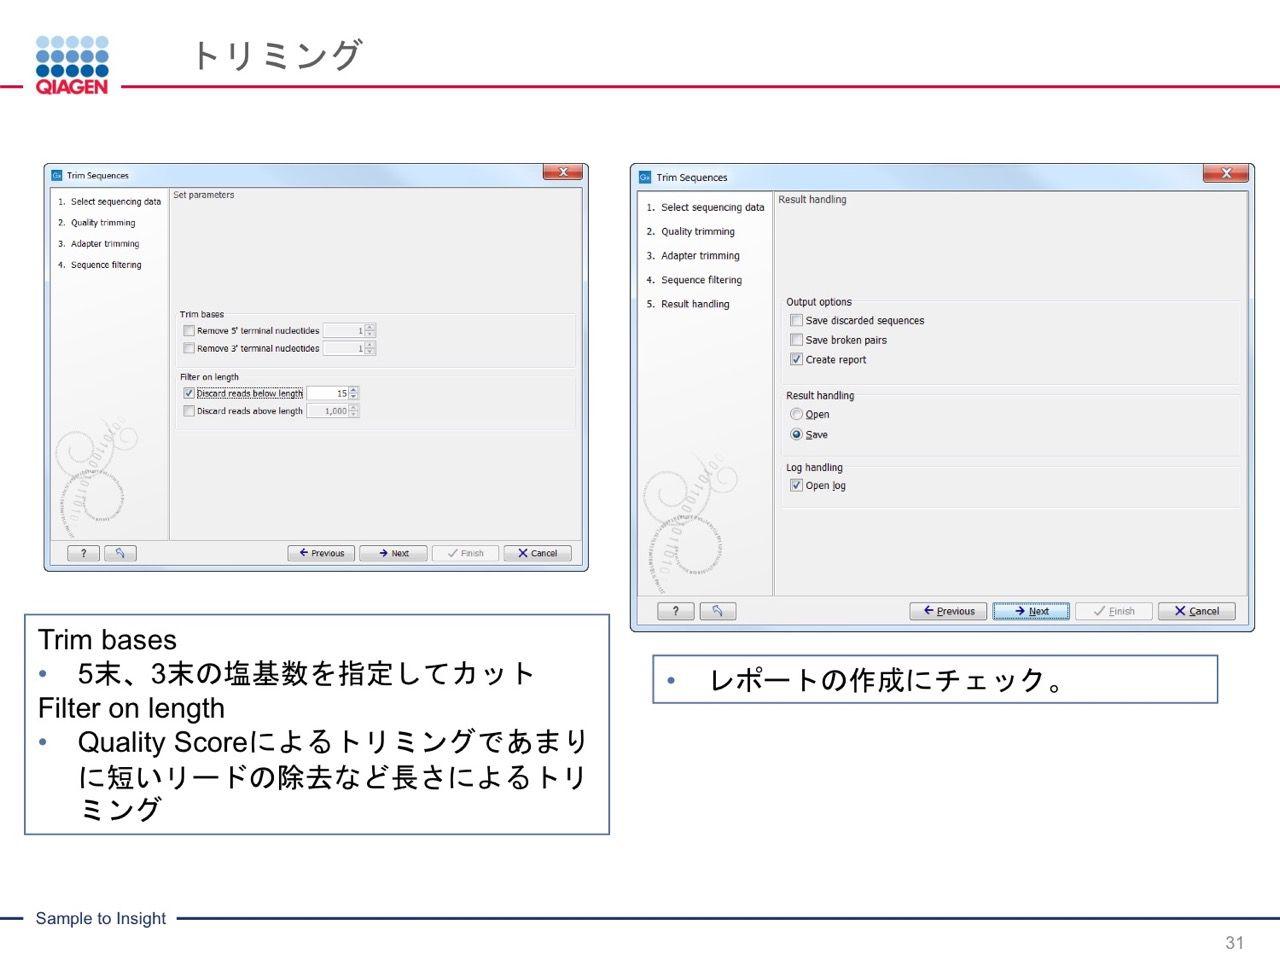 images/AJACSa2_miyamoto_031.jpg